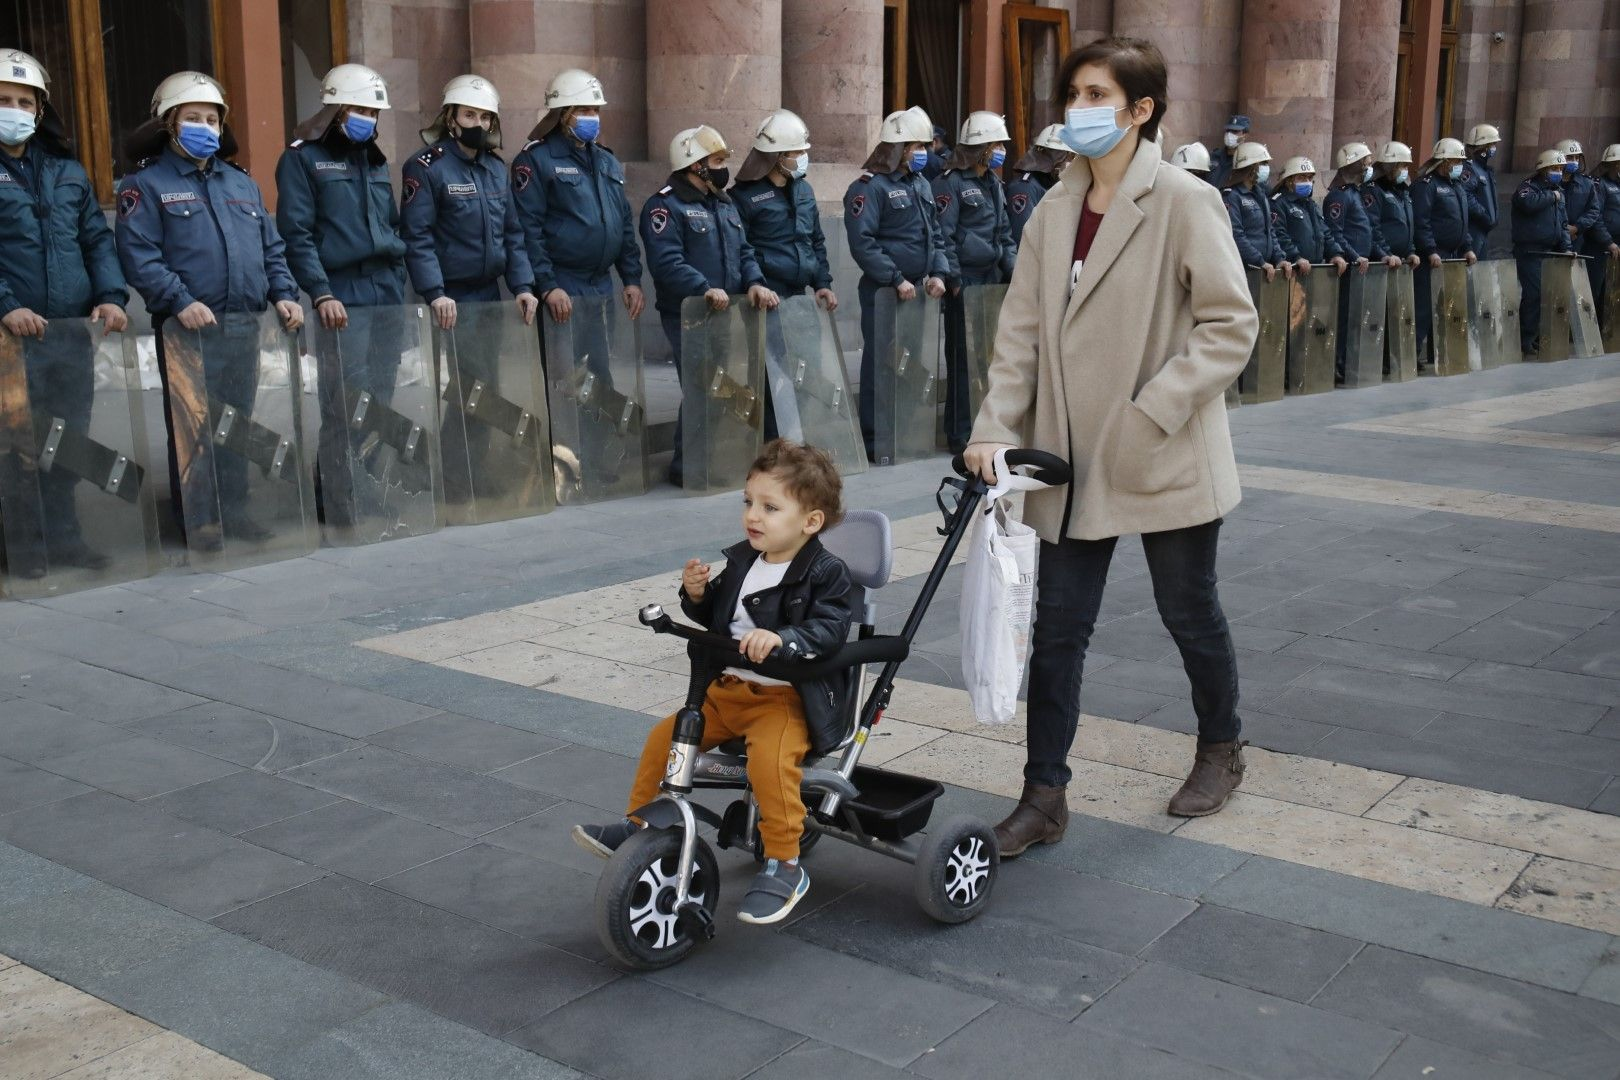 10 ноември. Полицейски кордон пред сградата на правителството в Ереван, която ден по-рано беше превзета от протестиращи